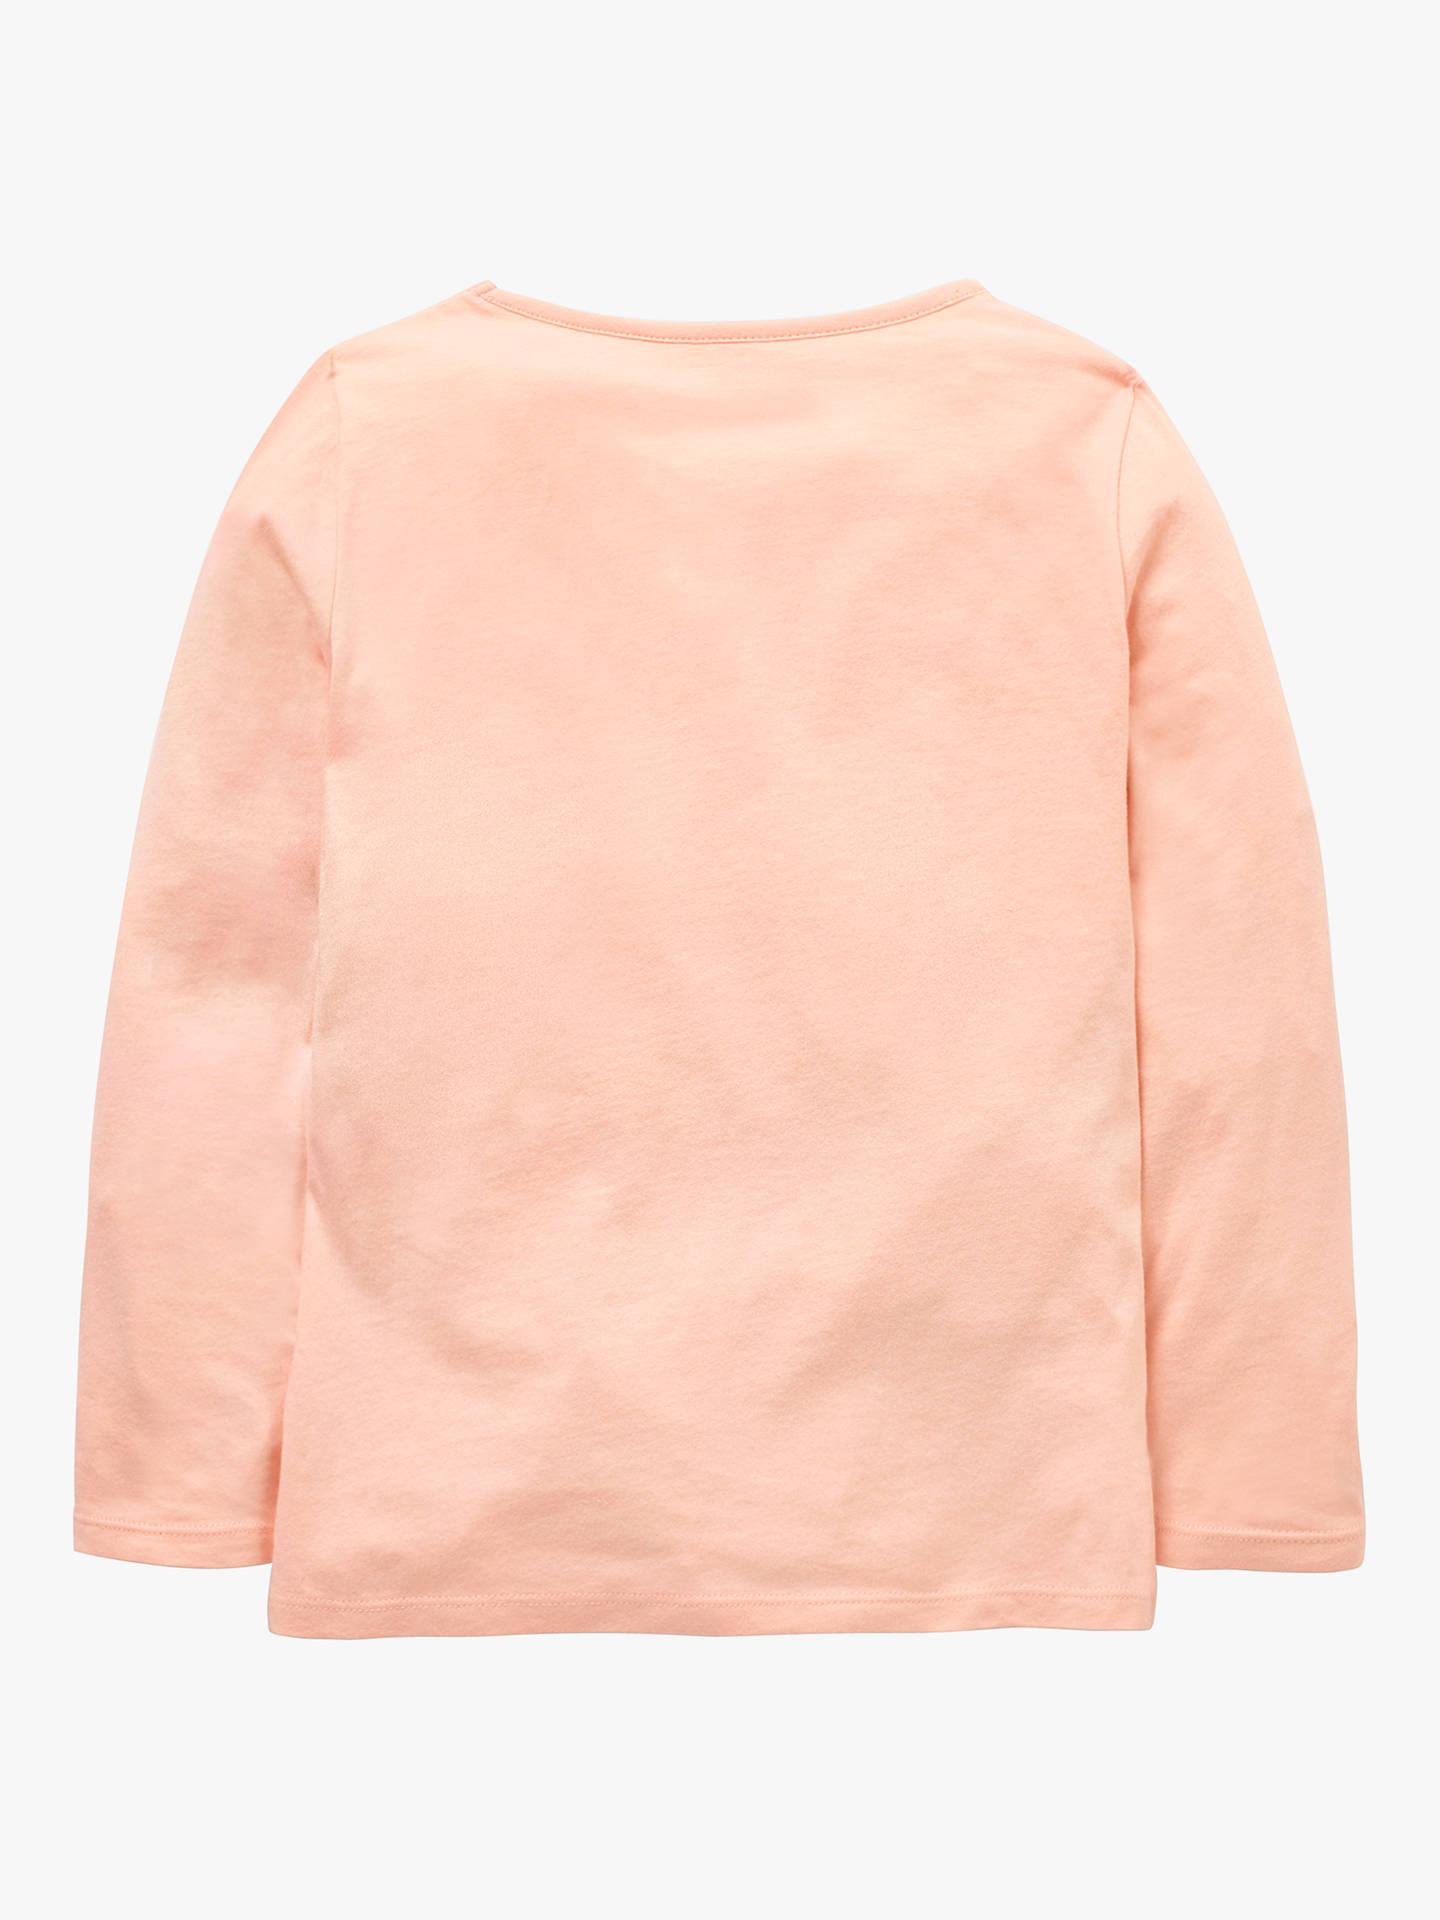 Long Sleeve Shirt Light Orange Kindergarten Teacher Adventure Tee Shirt Design